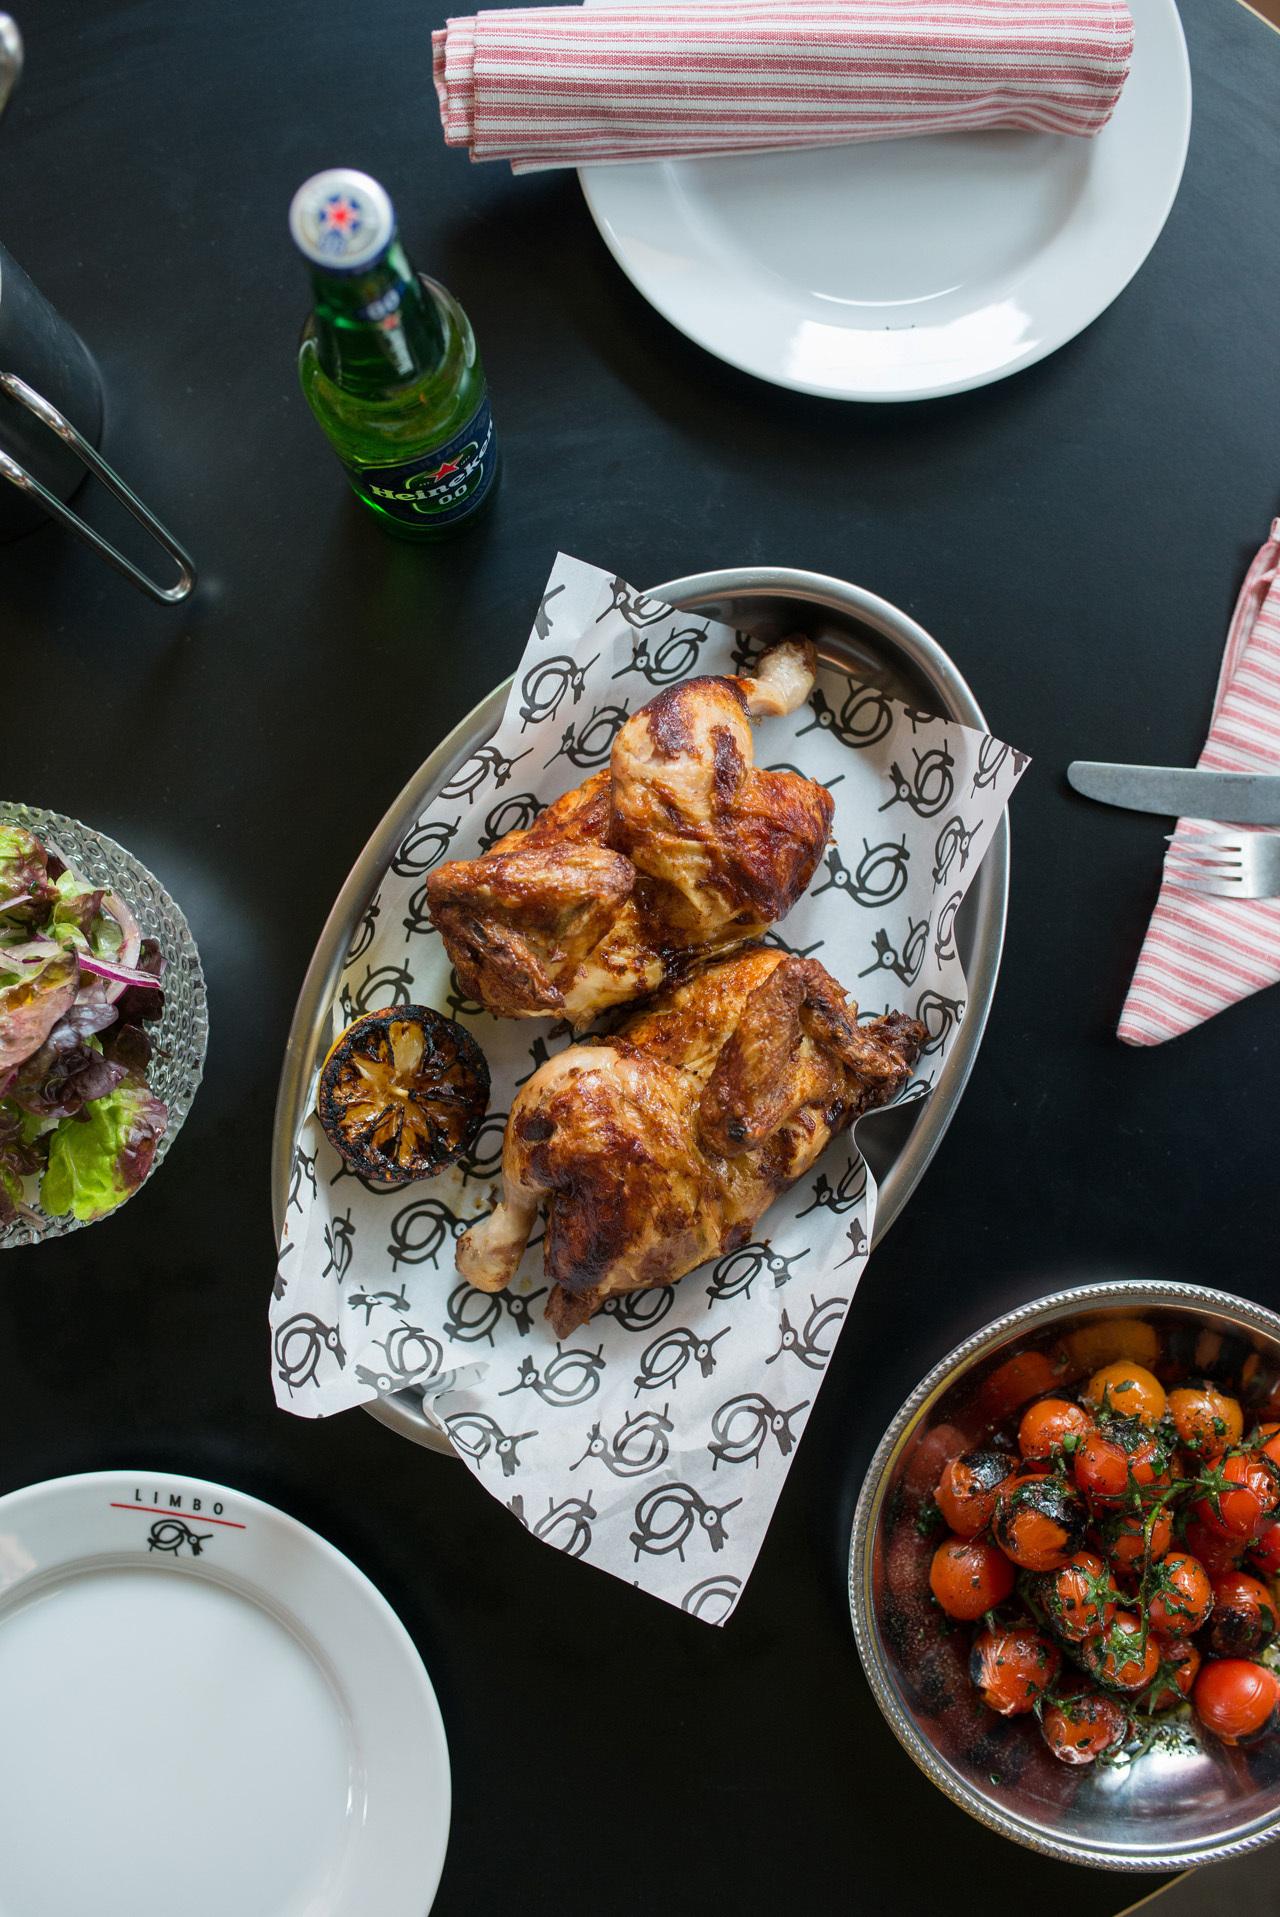 Pollo asado al carbón. Restaurante Limbo.